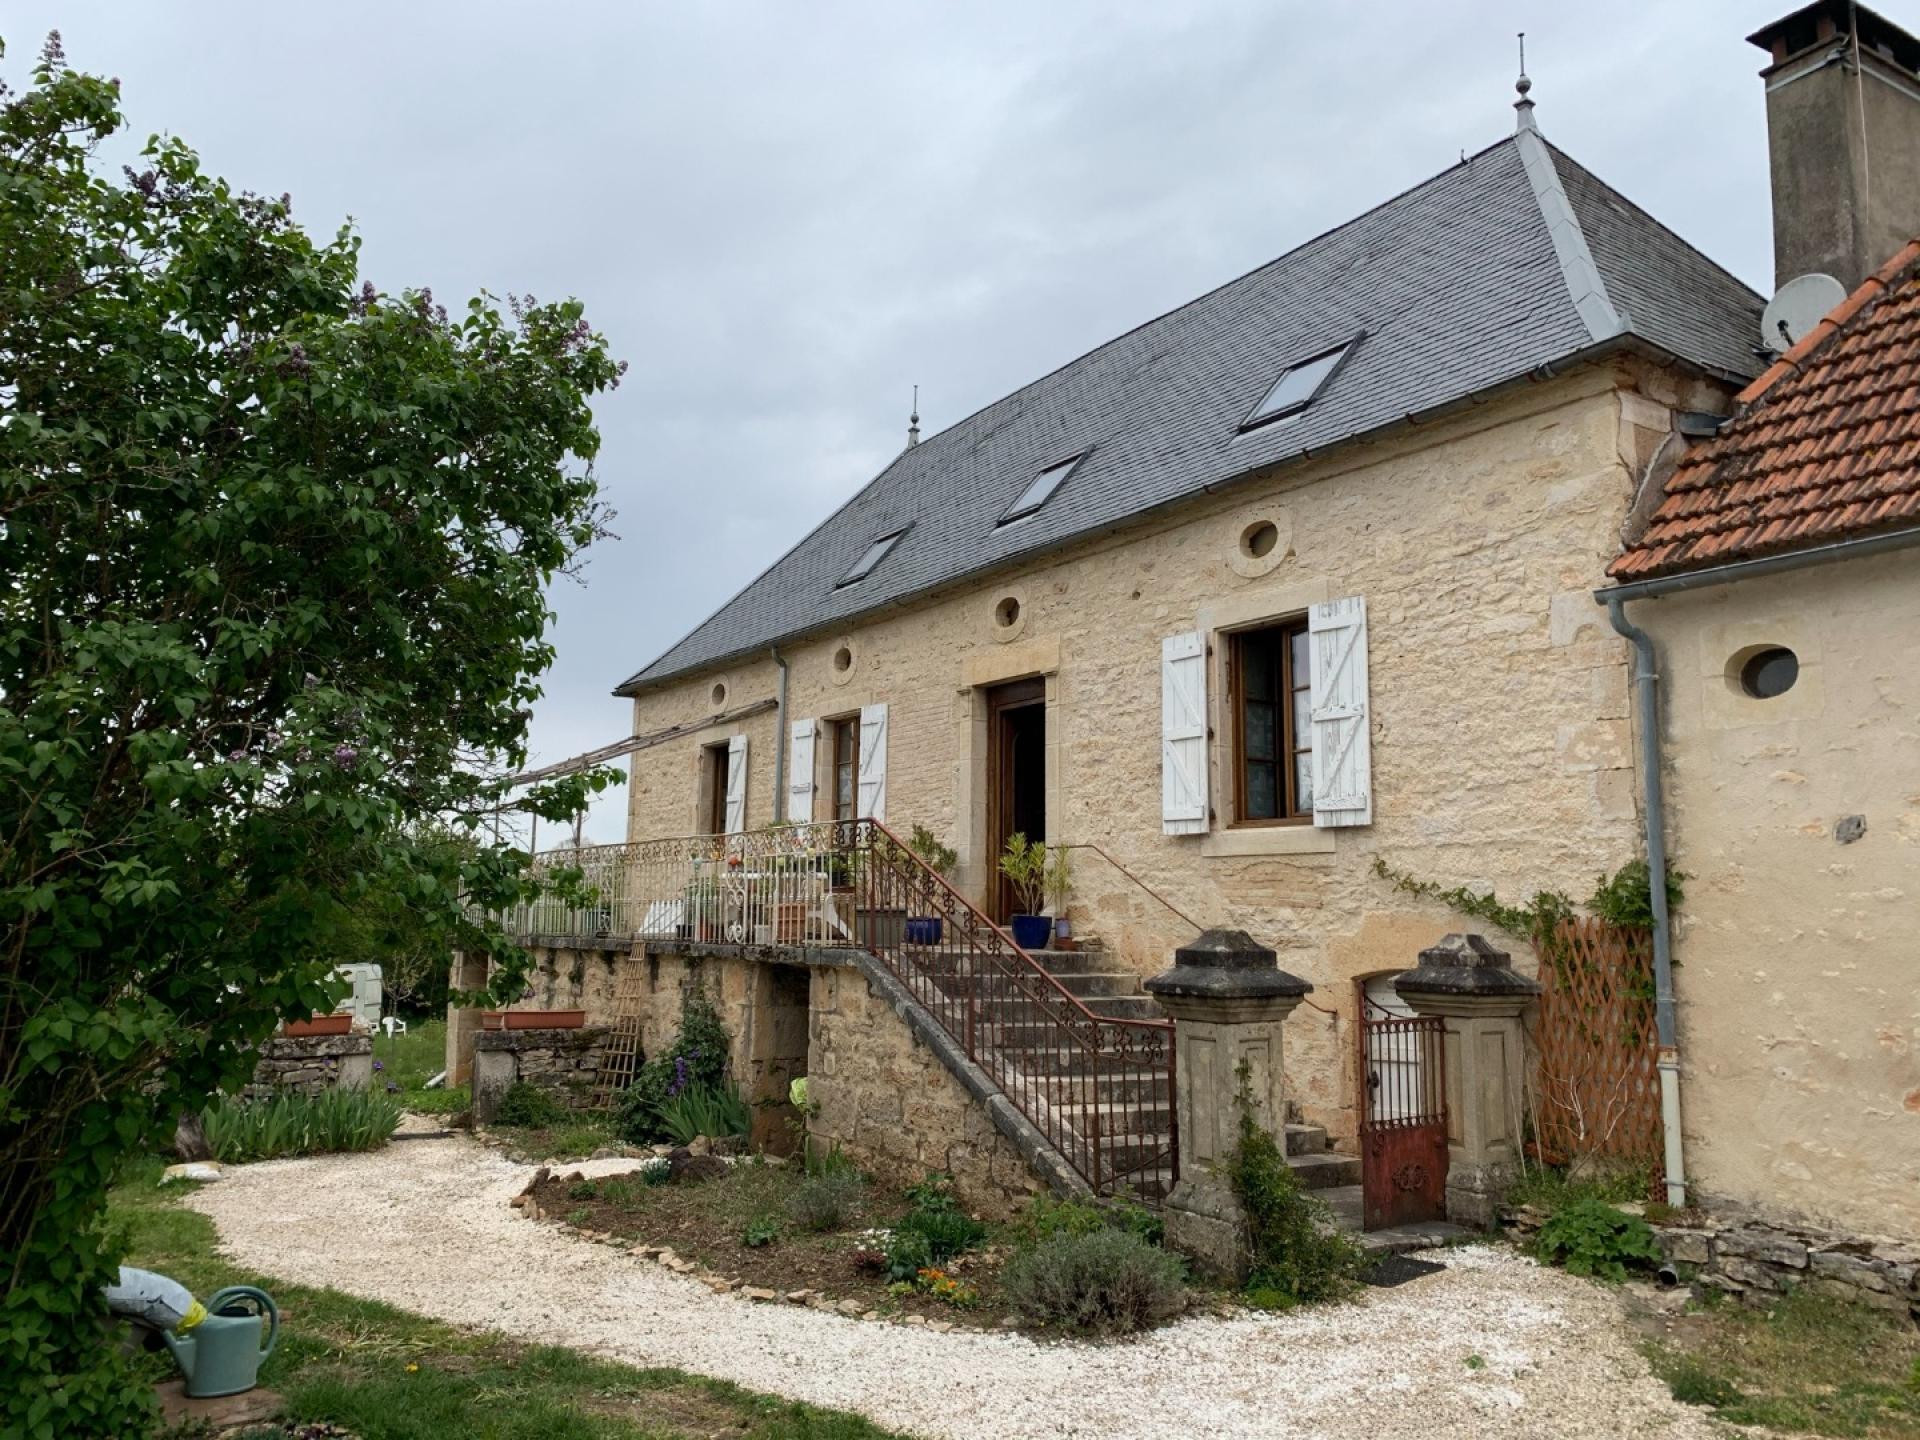 Maison de maître de 1850, secteur Lacapelle-Marival